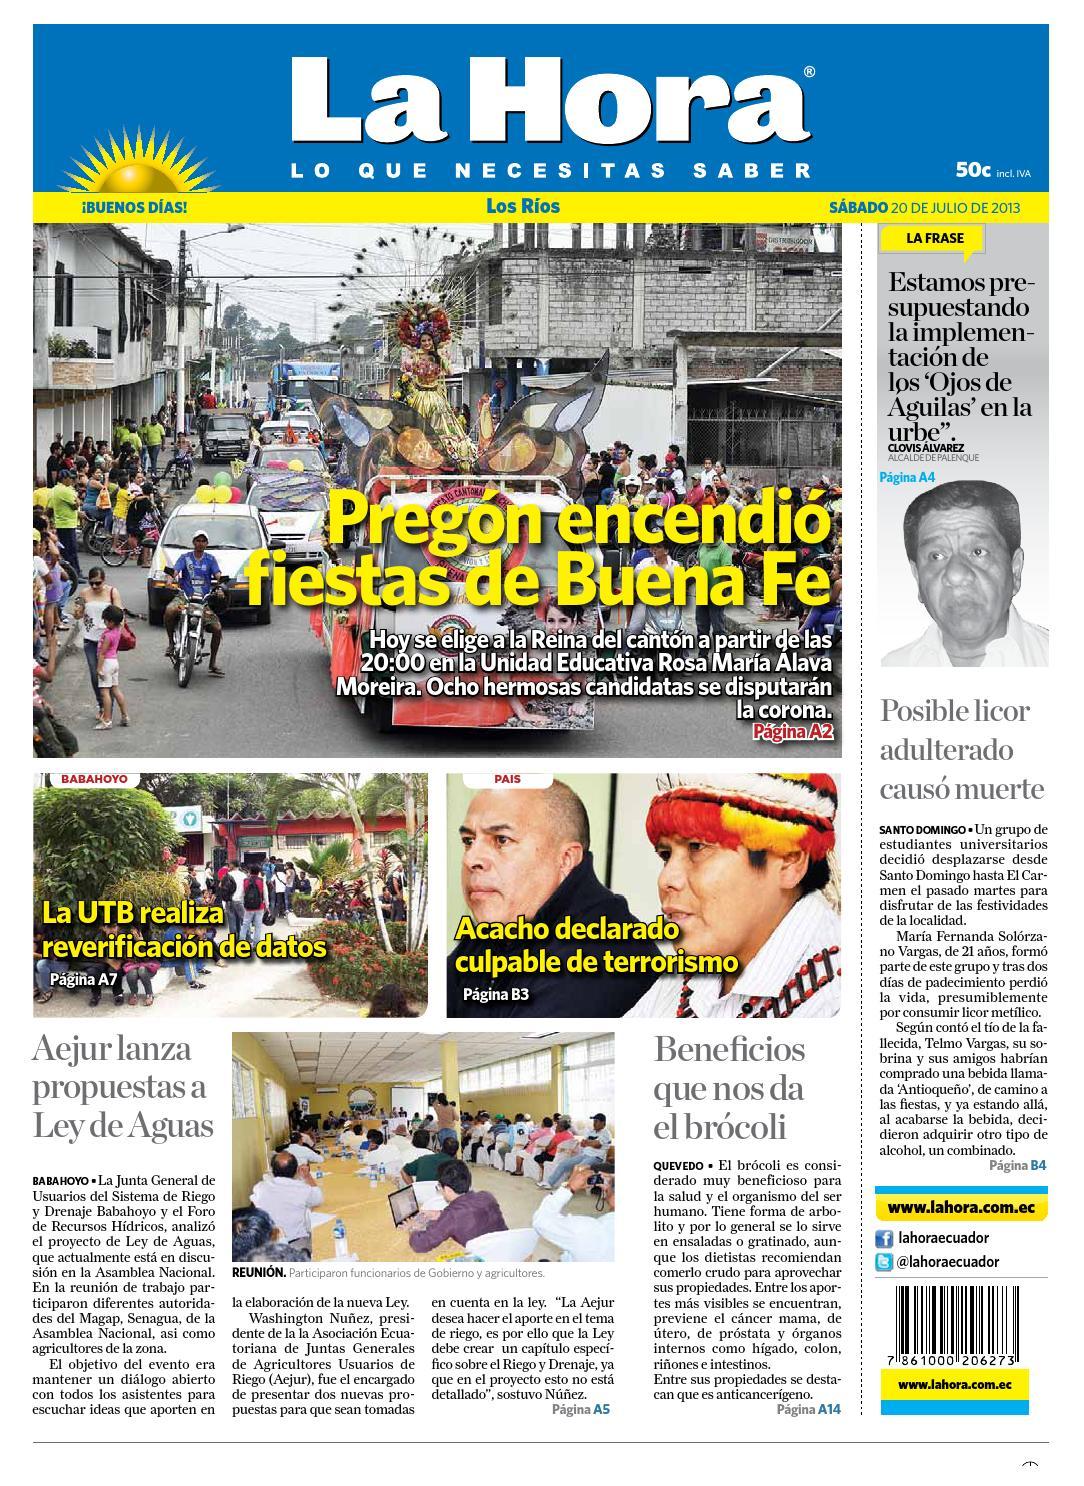 los r237os 20 de julio de 2013 by diario la hora ecuador issuu